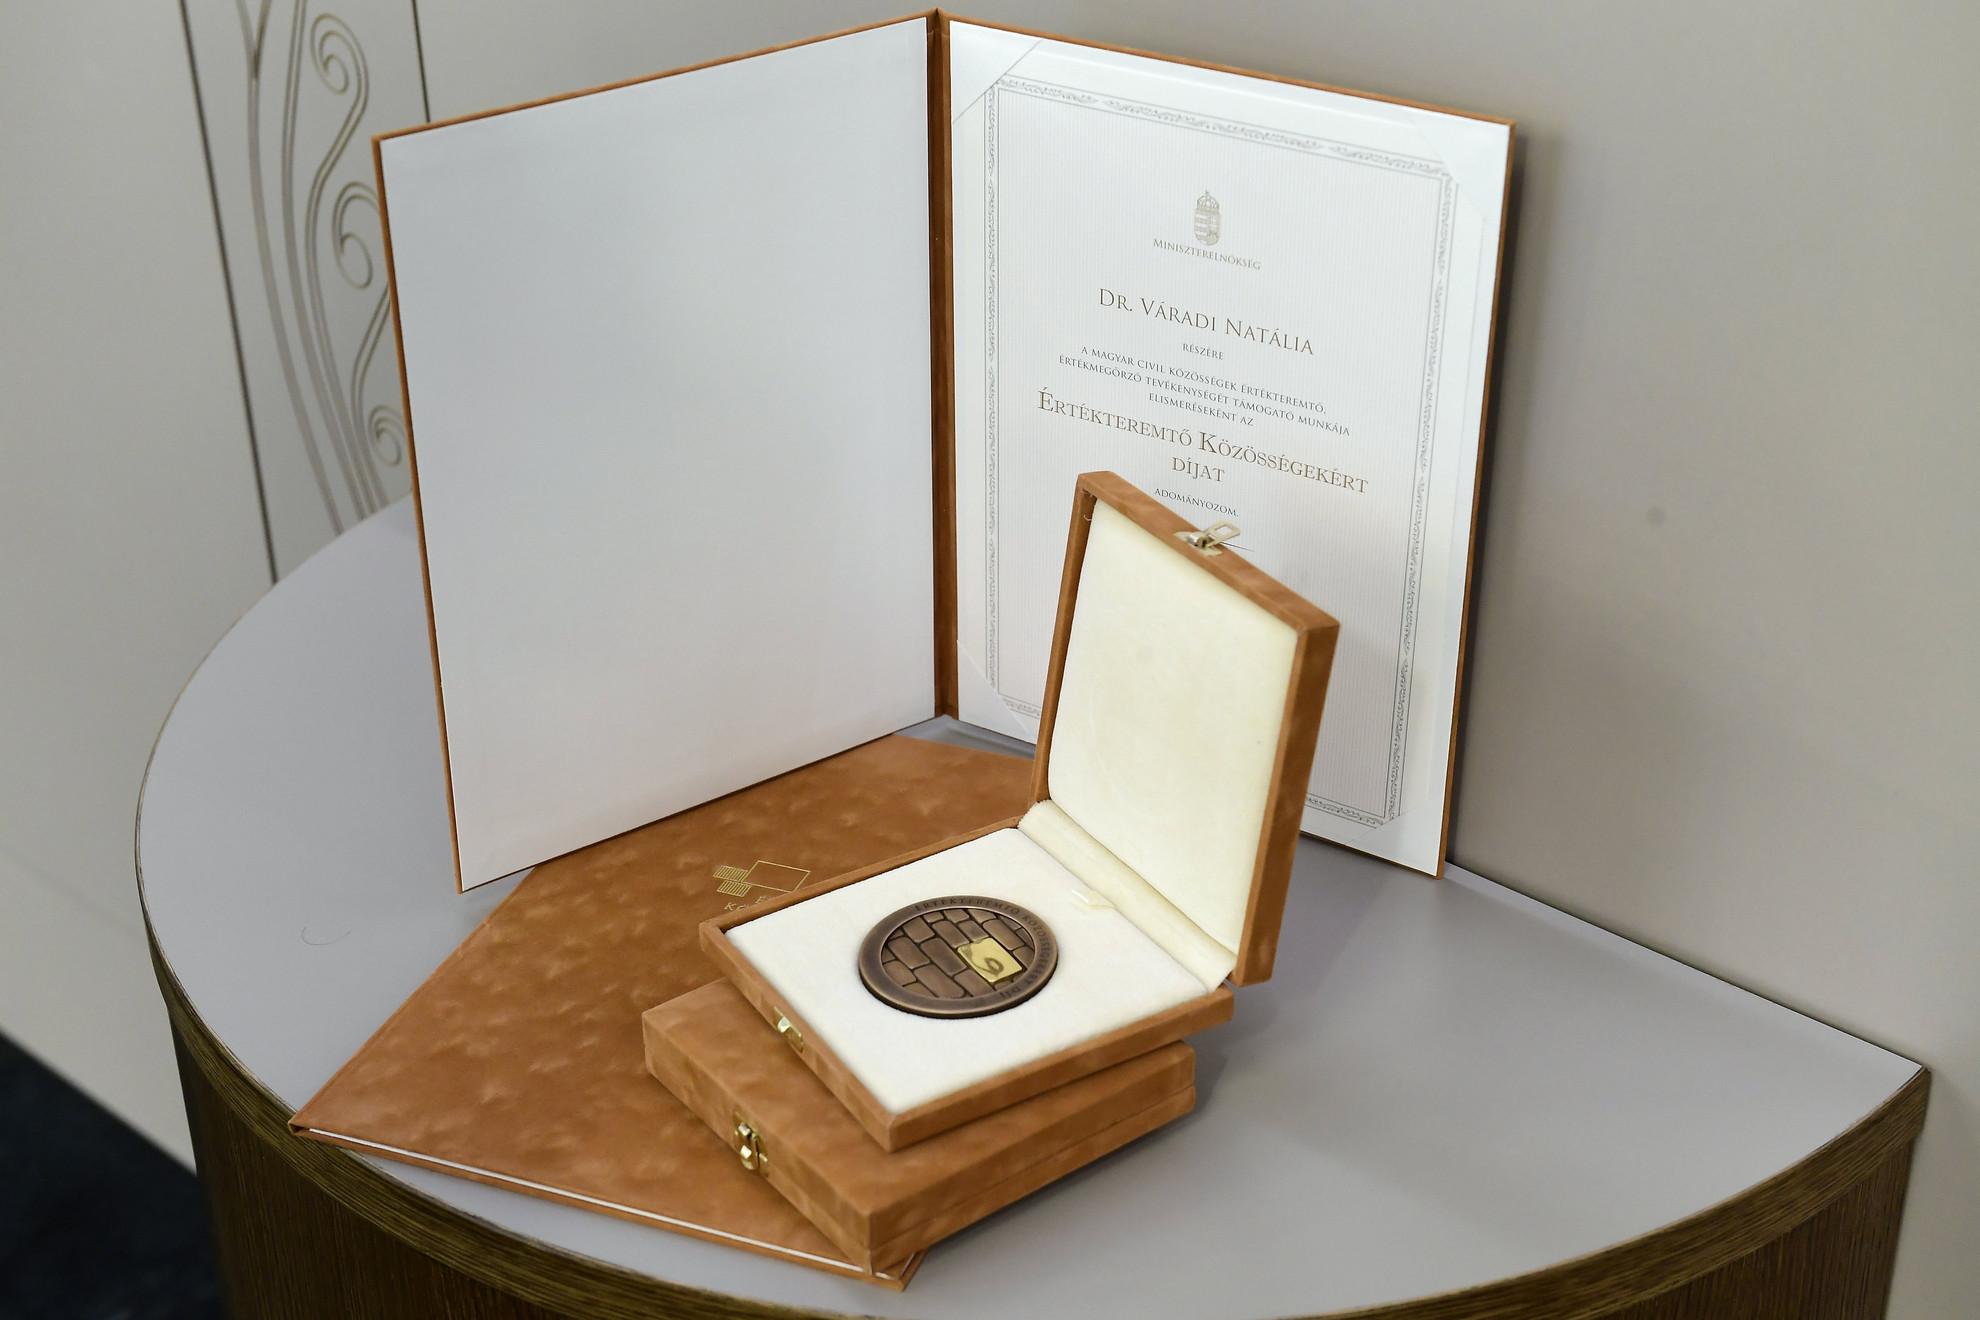 Az Értékteremtő Közösségekért díj